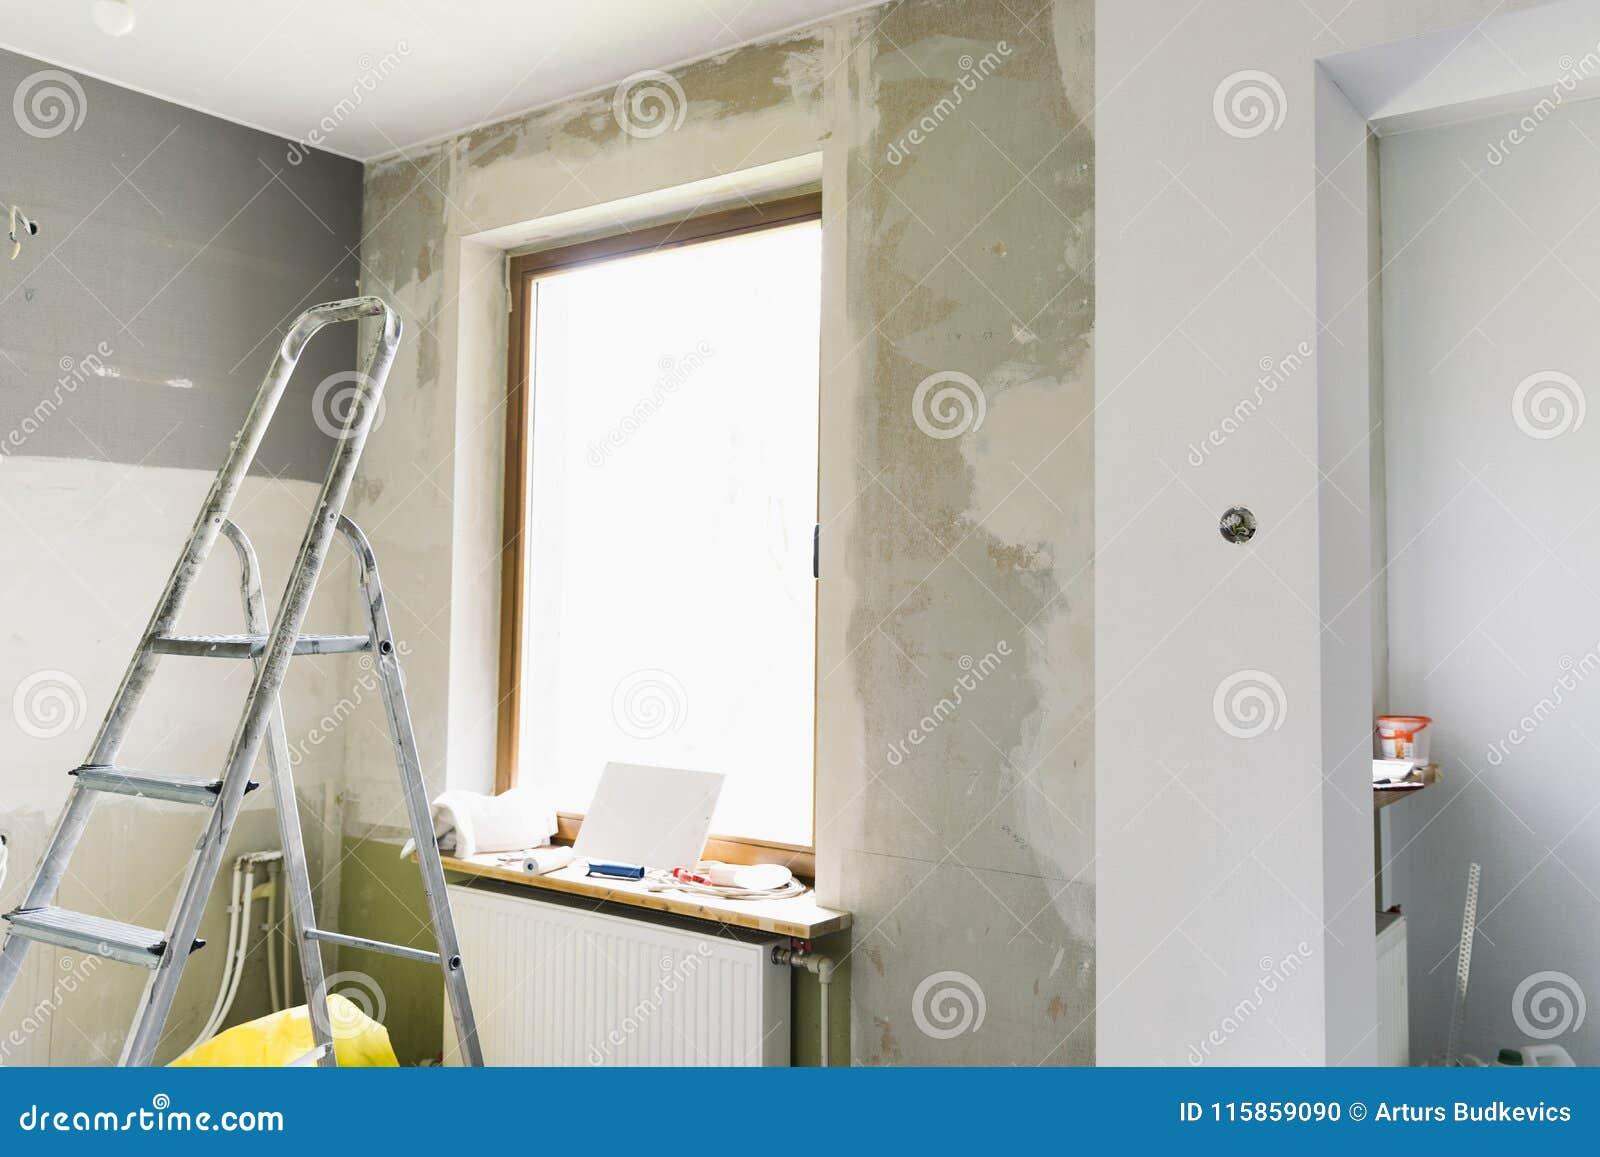 Concepto casero de la renovación Cocina en vías de la reparación y la renovación Herramientas de la escalera y de la construcción